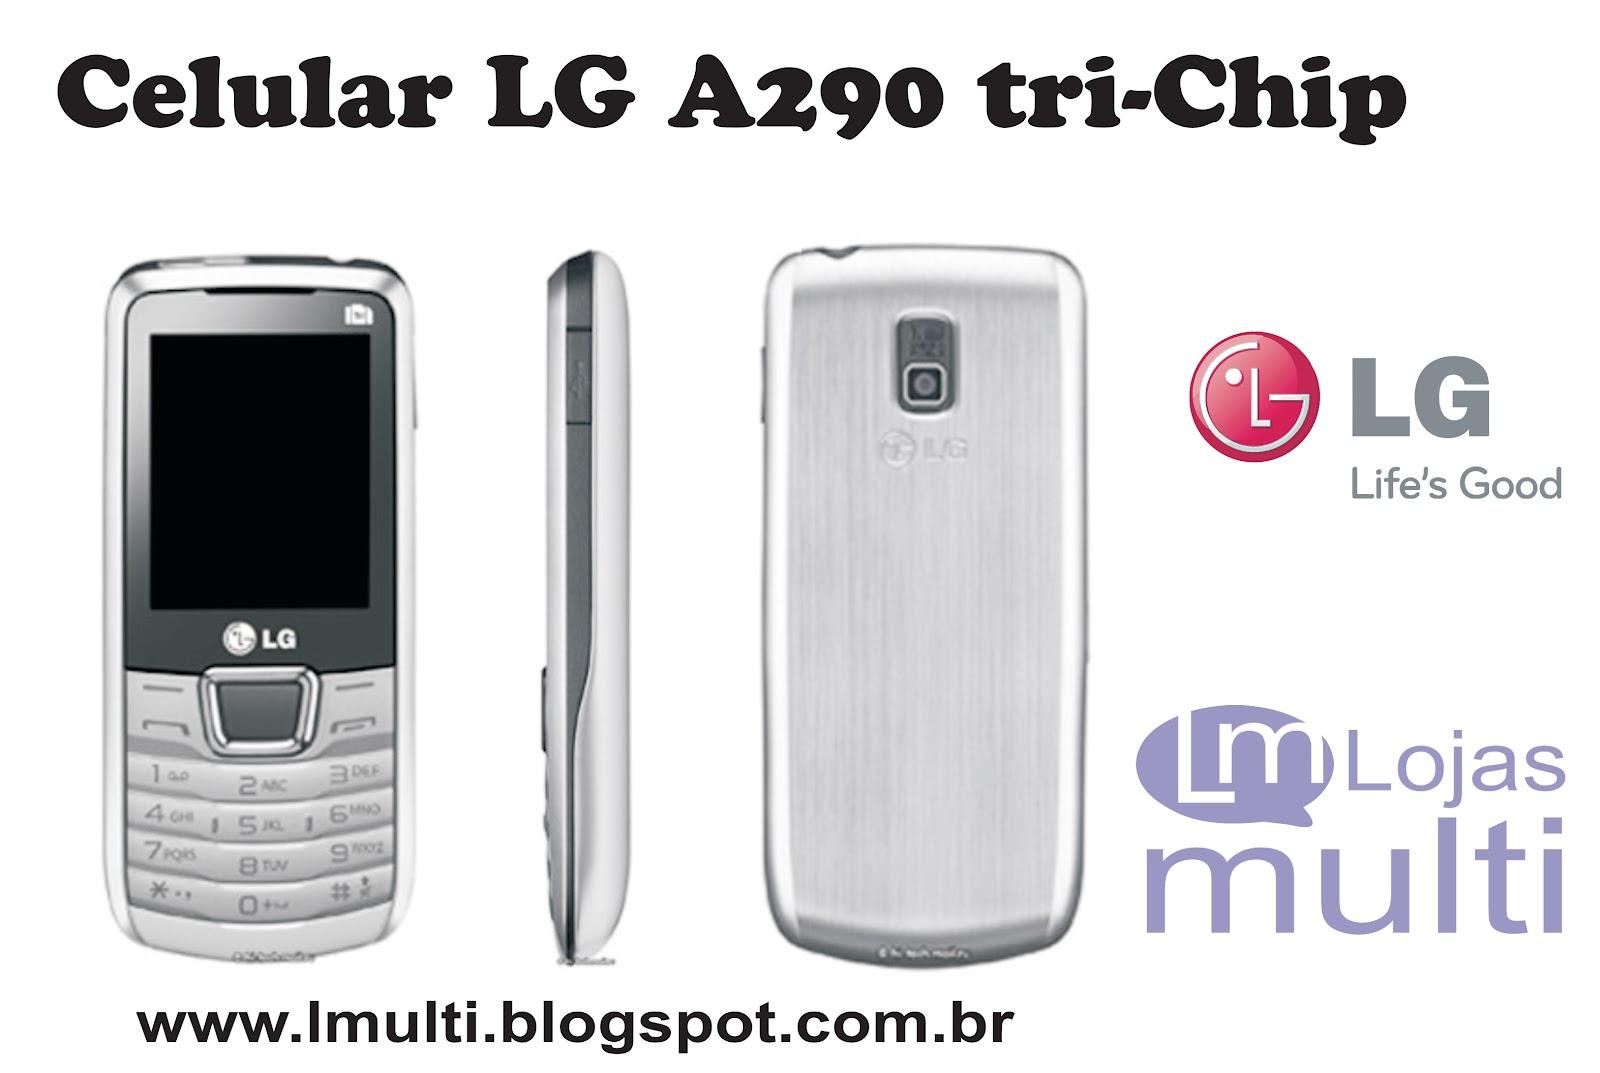 LG BAIXAR A290 JOGO PARA CELULAR